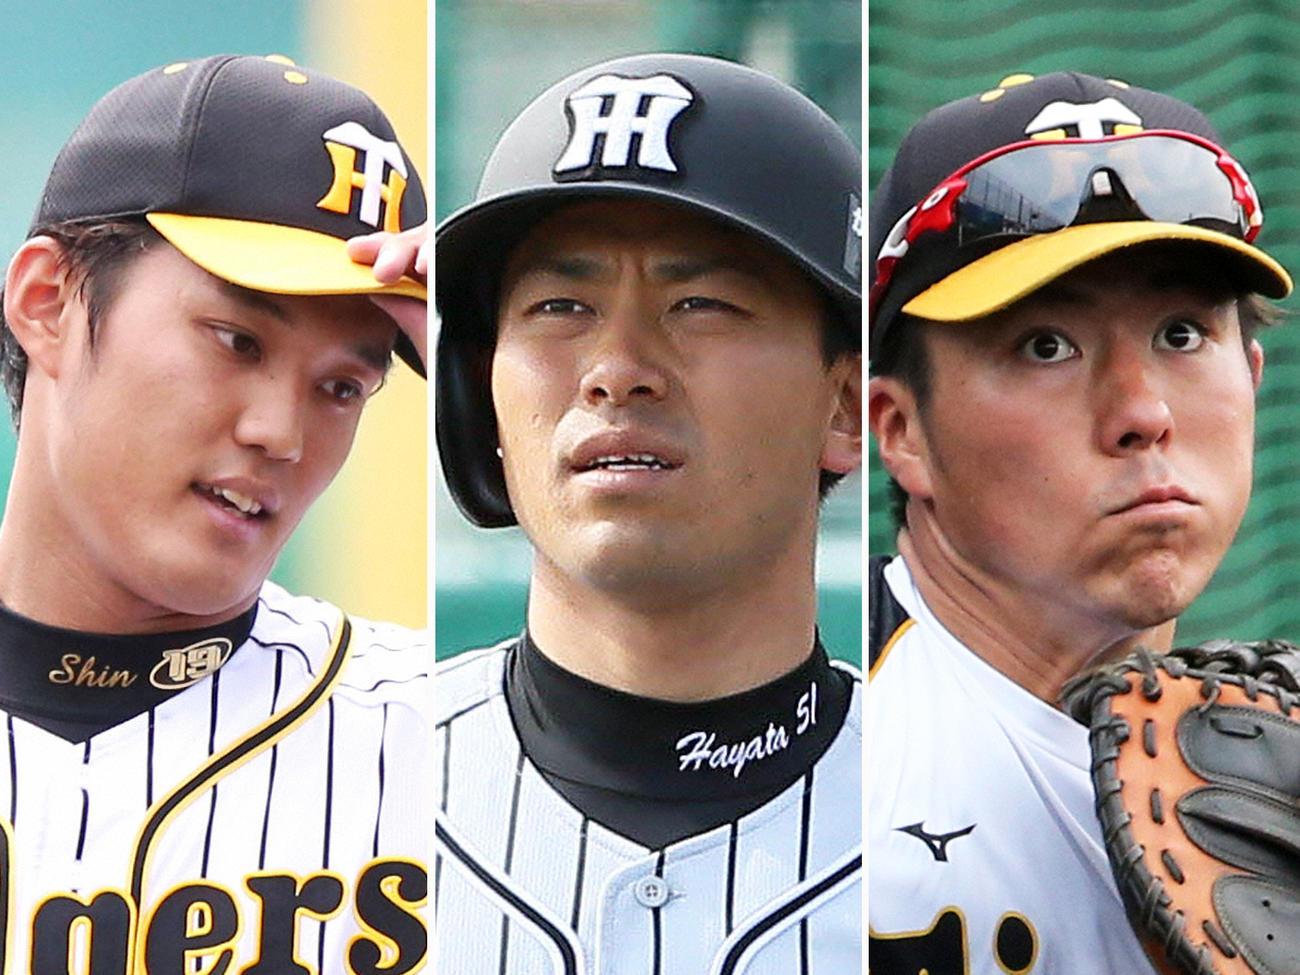 左から阪神藤浪晋太郎、伊藤隼太、長坂拳弥